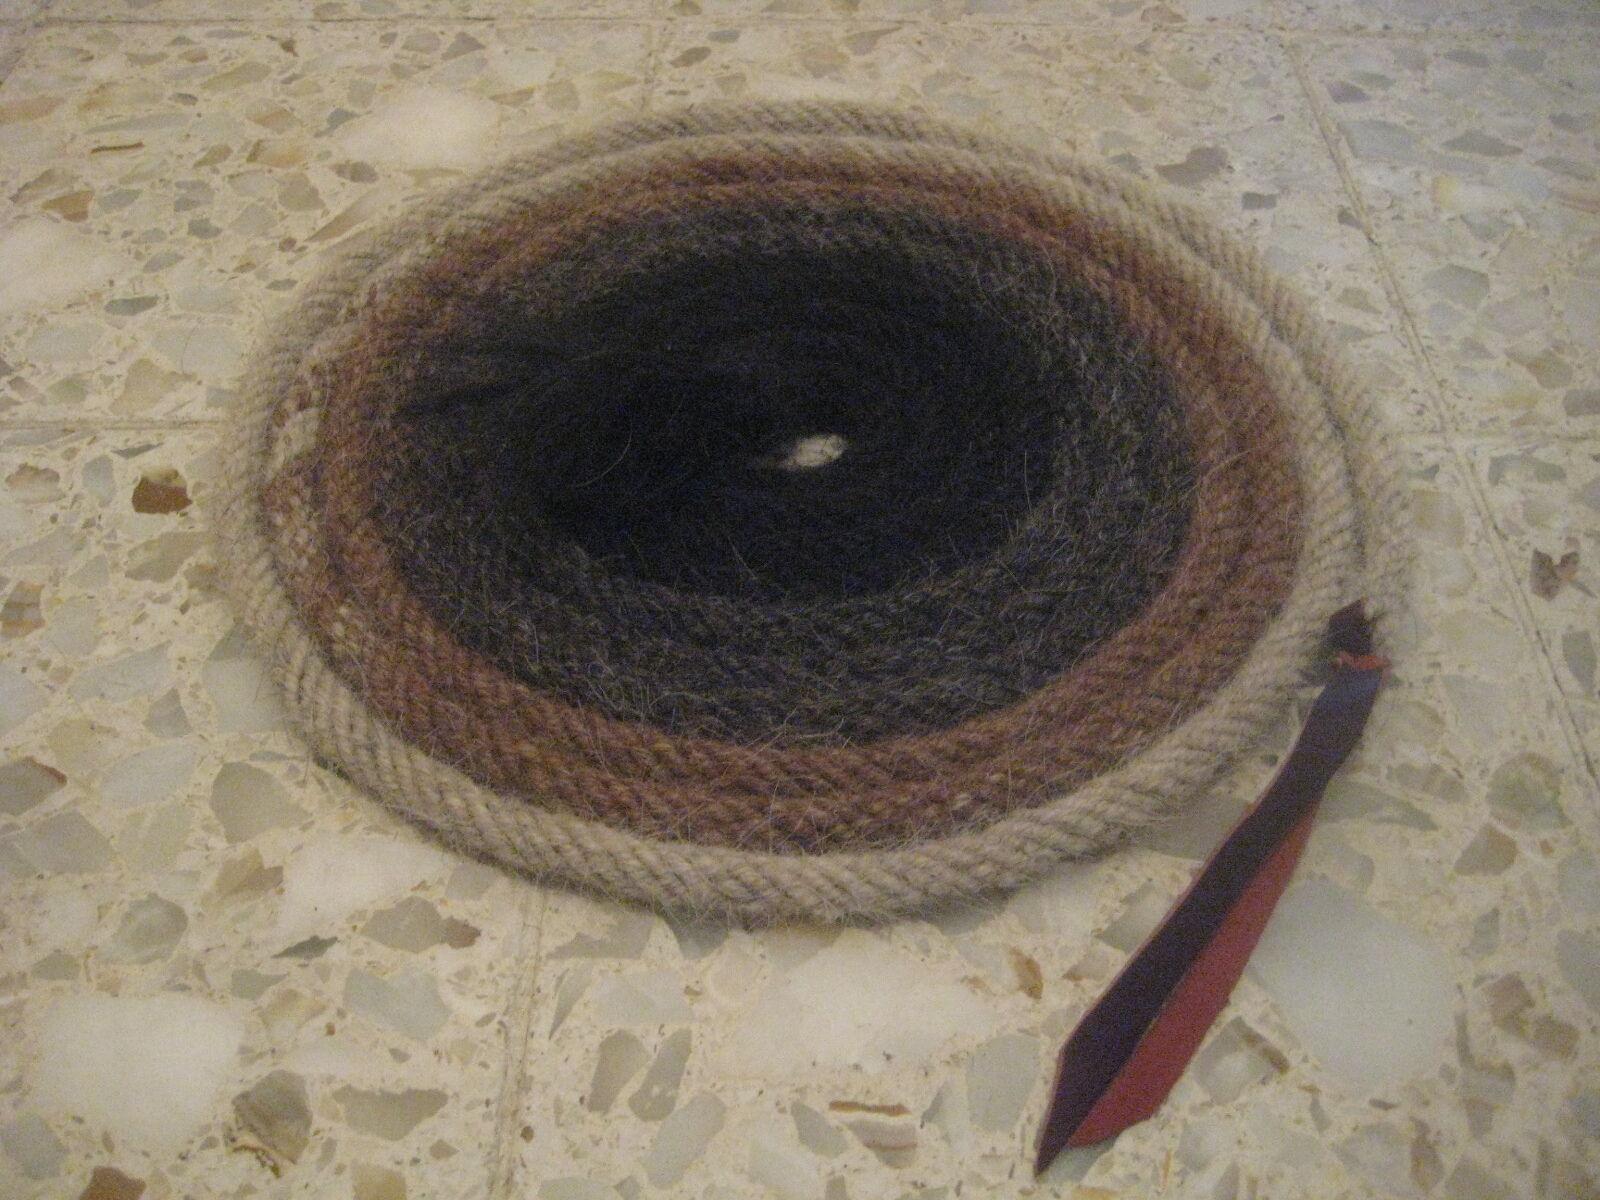 Crinière de cheval cheveux mecate 14 FT (environ 4.27 m) long 1 2  DIA. Motif V -- changeHommest de couleurs